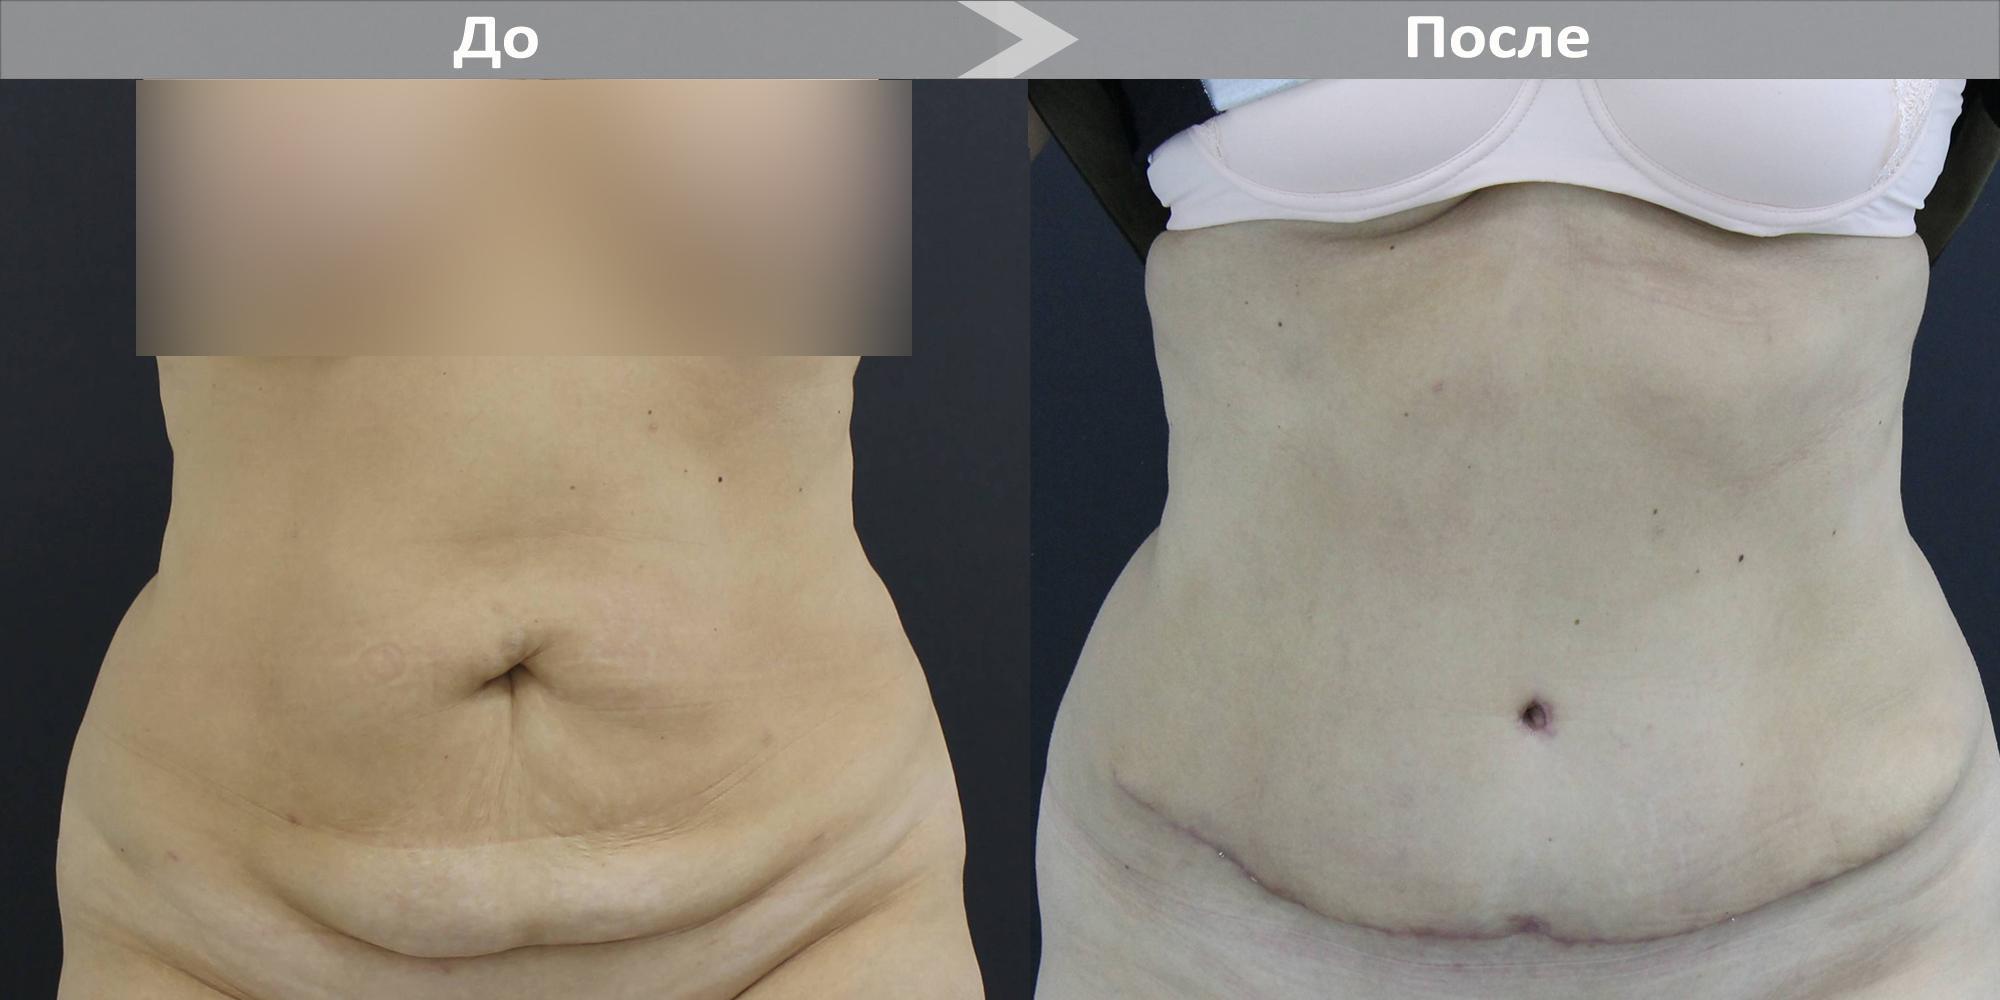 Абдоминопластика (пластика, коррекция живота)  бесплатно в москве и спб: фото до и после, отзывы о пластической операции, реабилитация